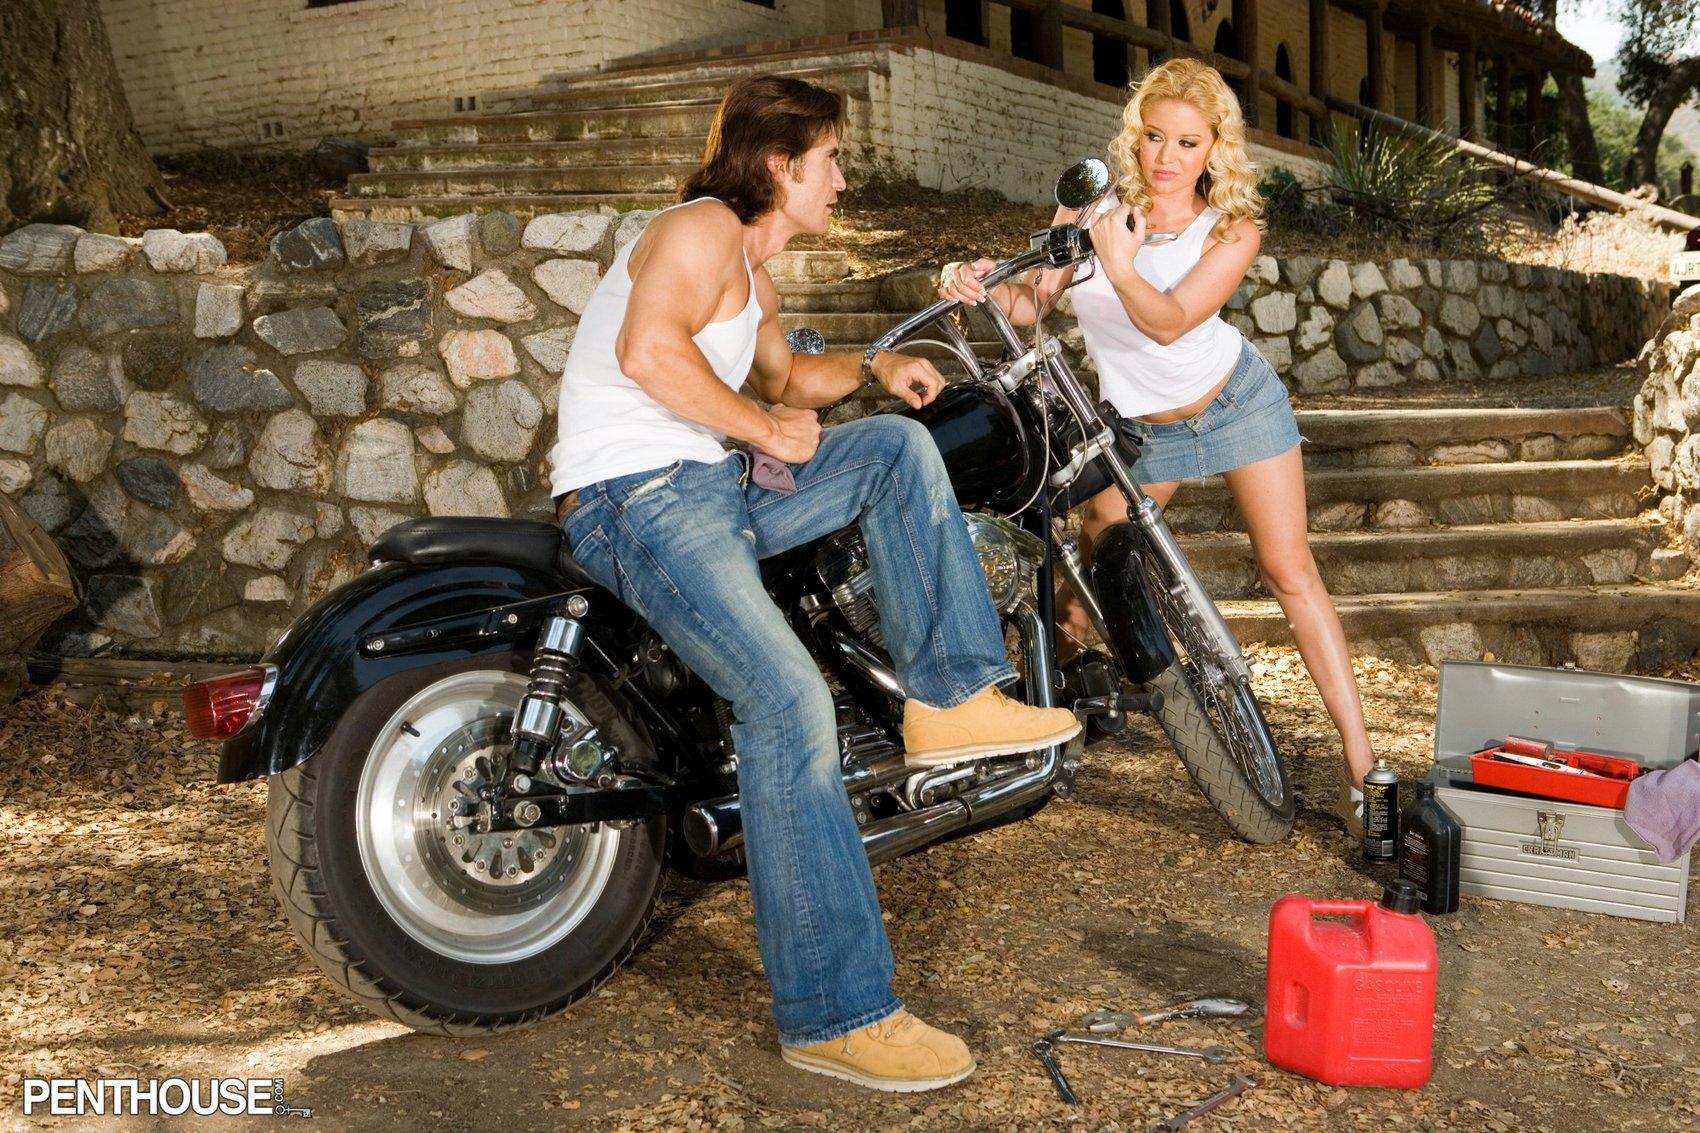 Pornstar Holly Morgan Top holly morgan getting fucked on motorcycle - my pornstar book